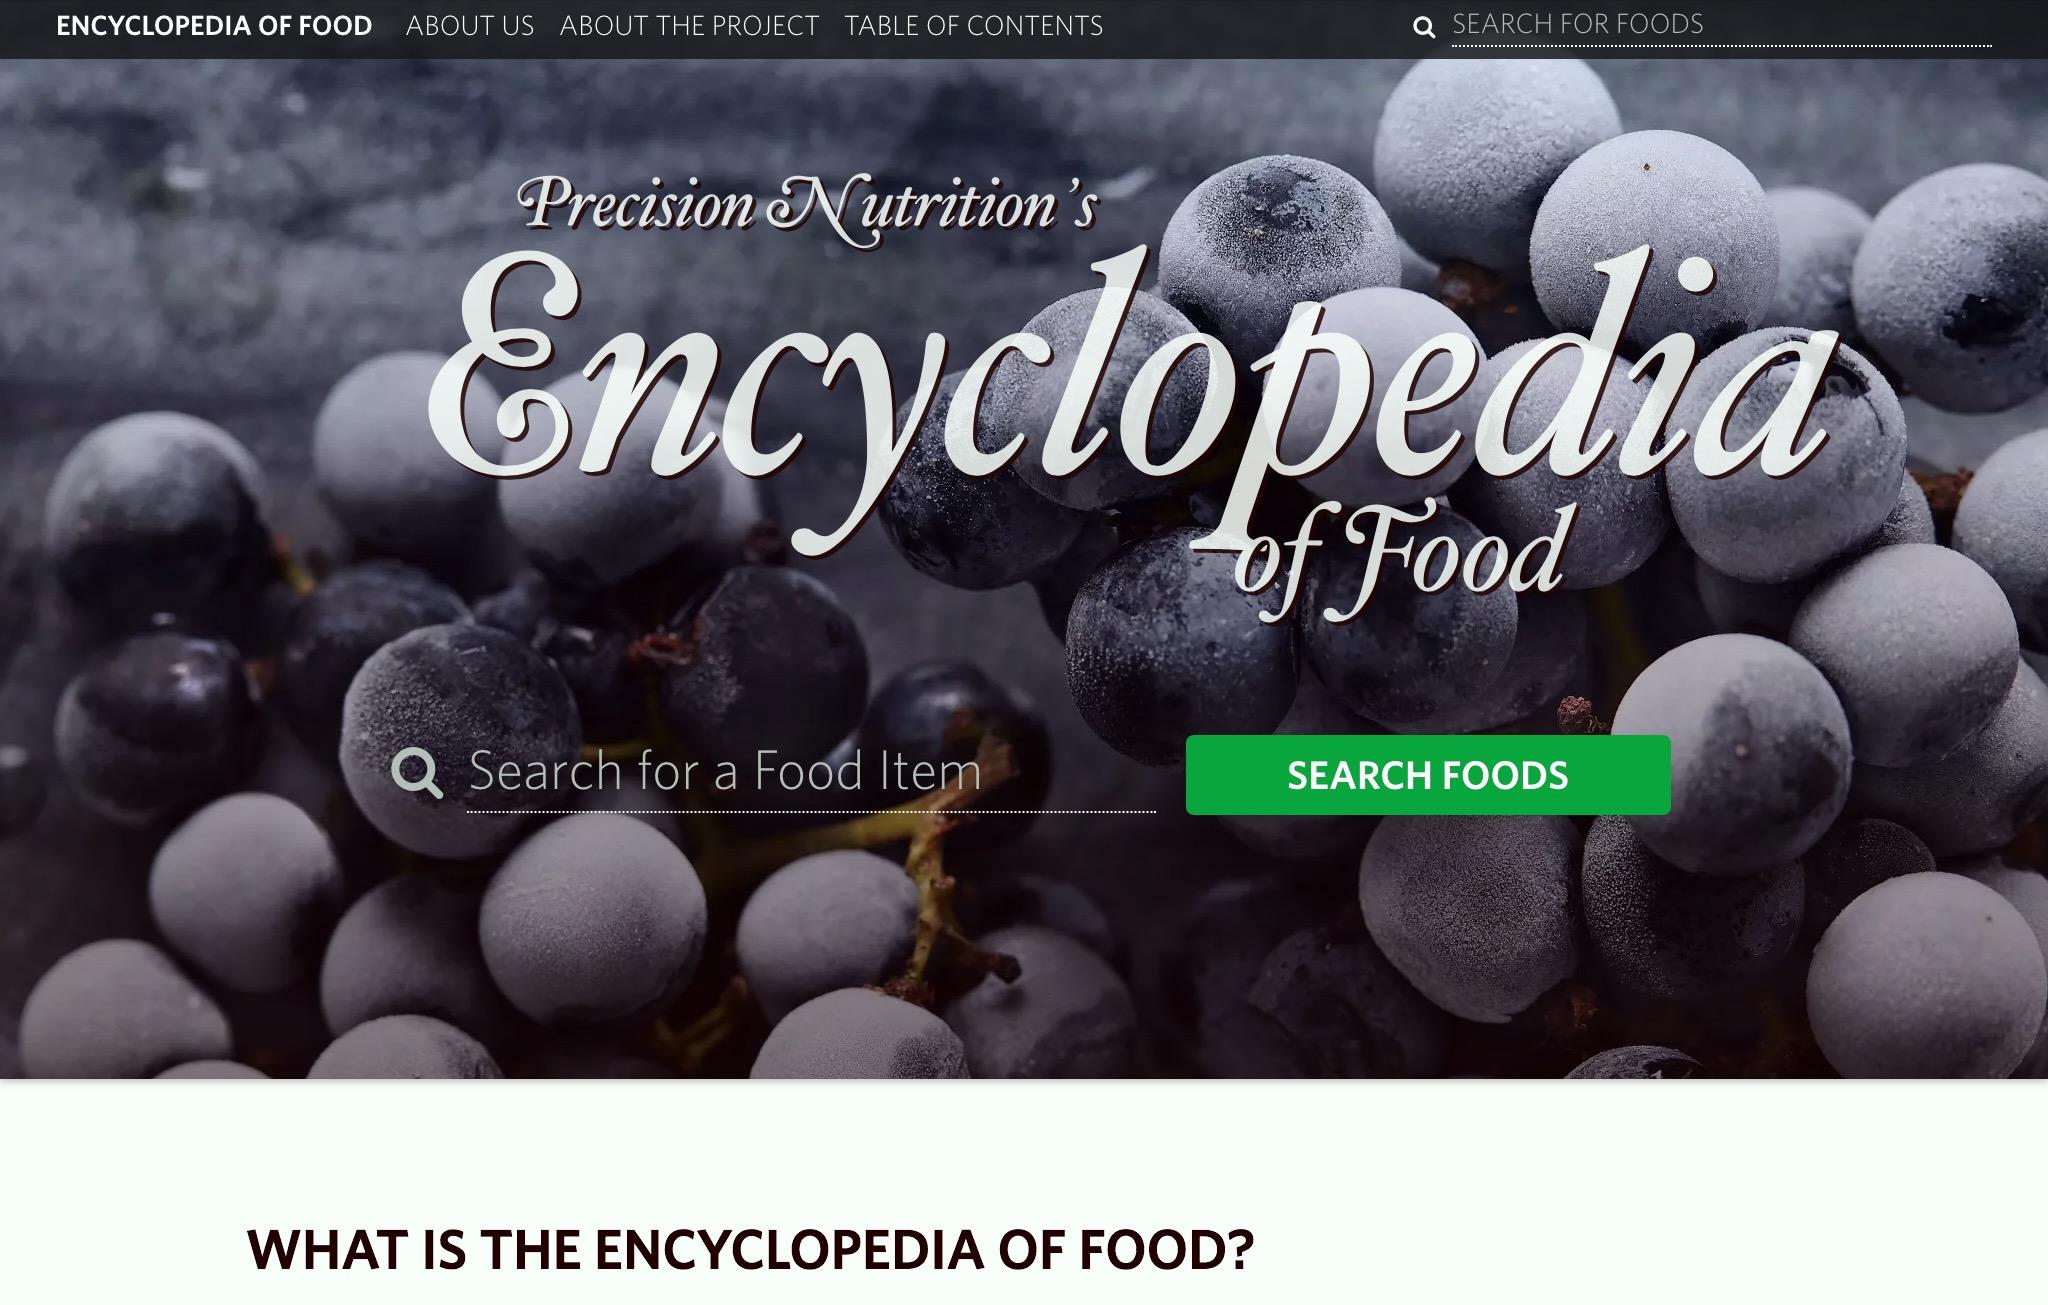 Precision Nutrition Food Encyclopedia